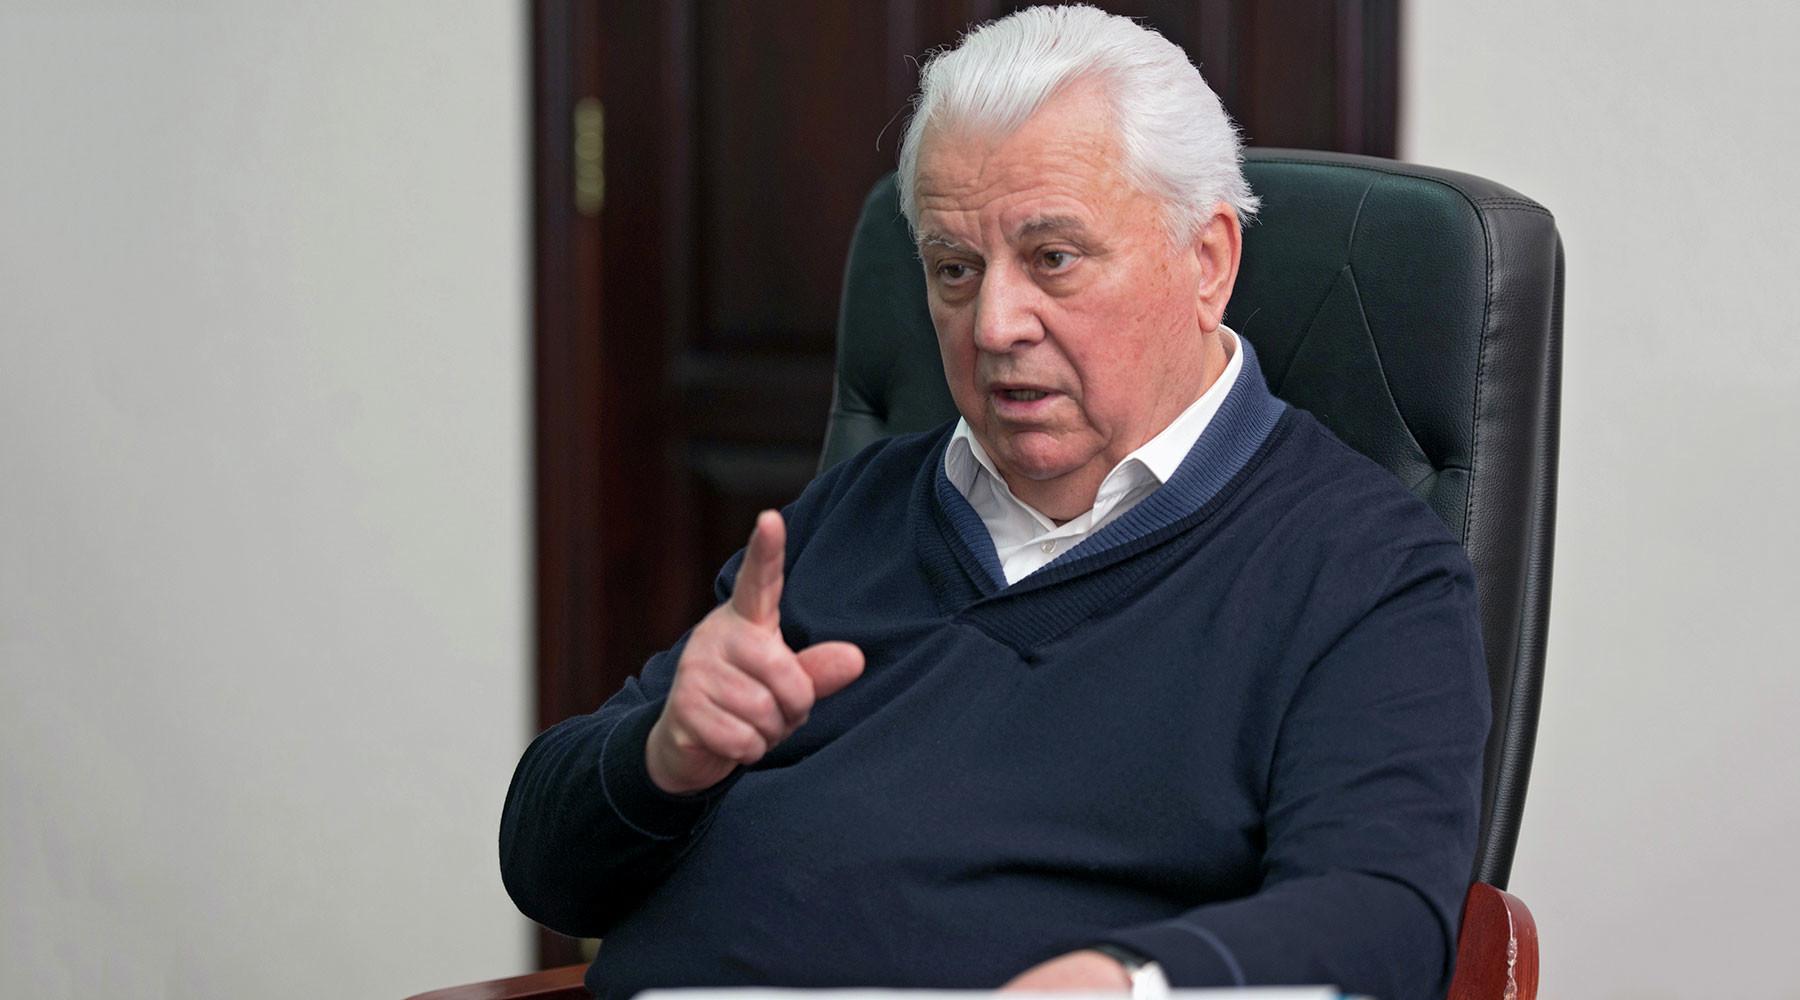 Кравчук: вопрос принадлежности Крыма вмомент раздела СССР не подымался